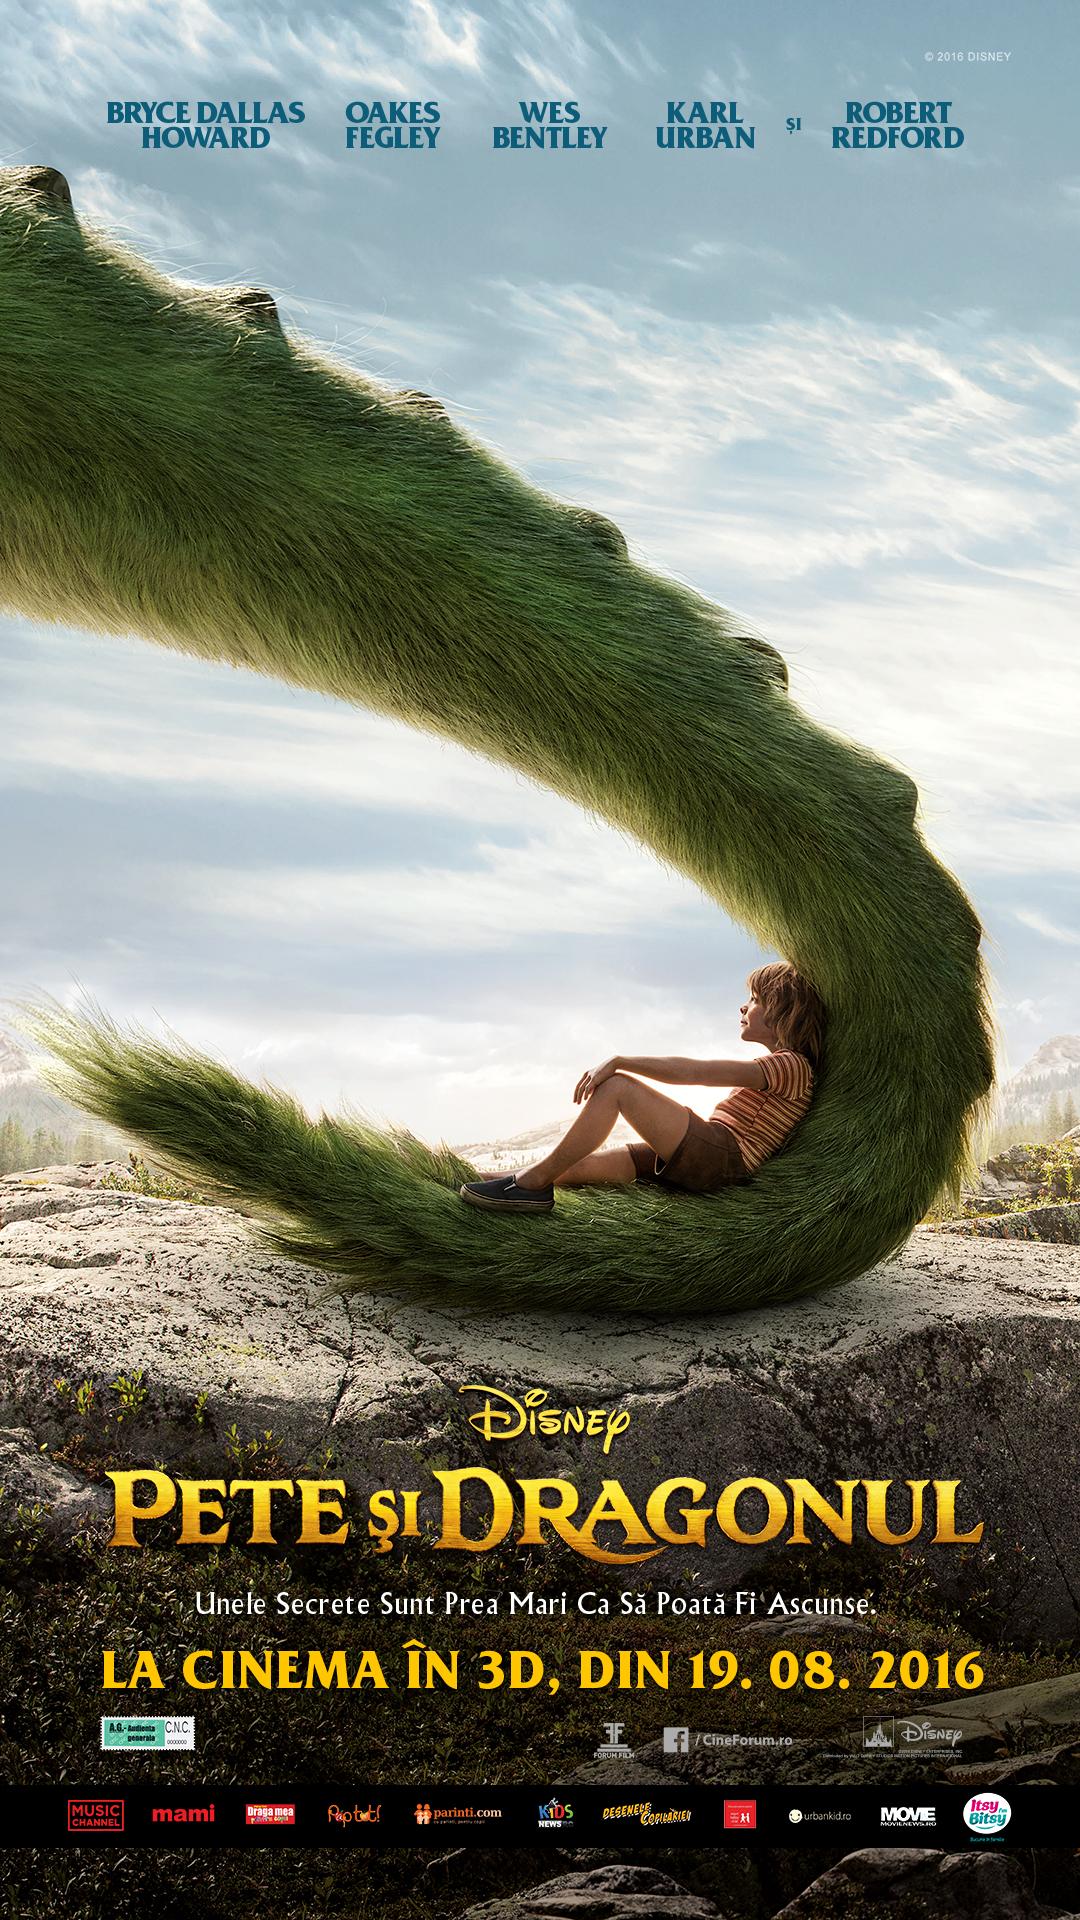 """""""Pete şi dragonul"""", o poveste fantastică despre o prietenie simplă"""